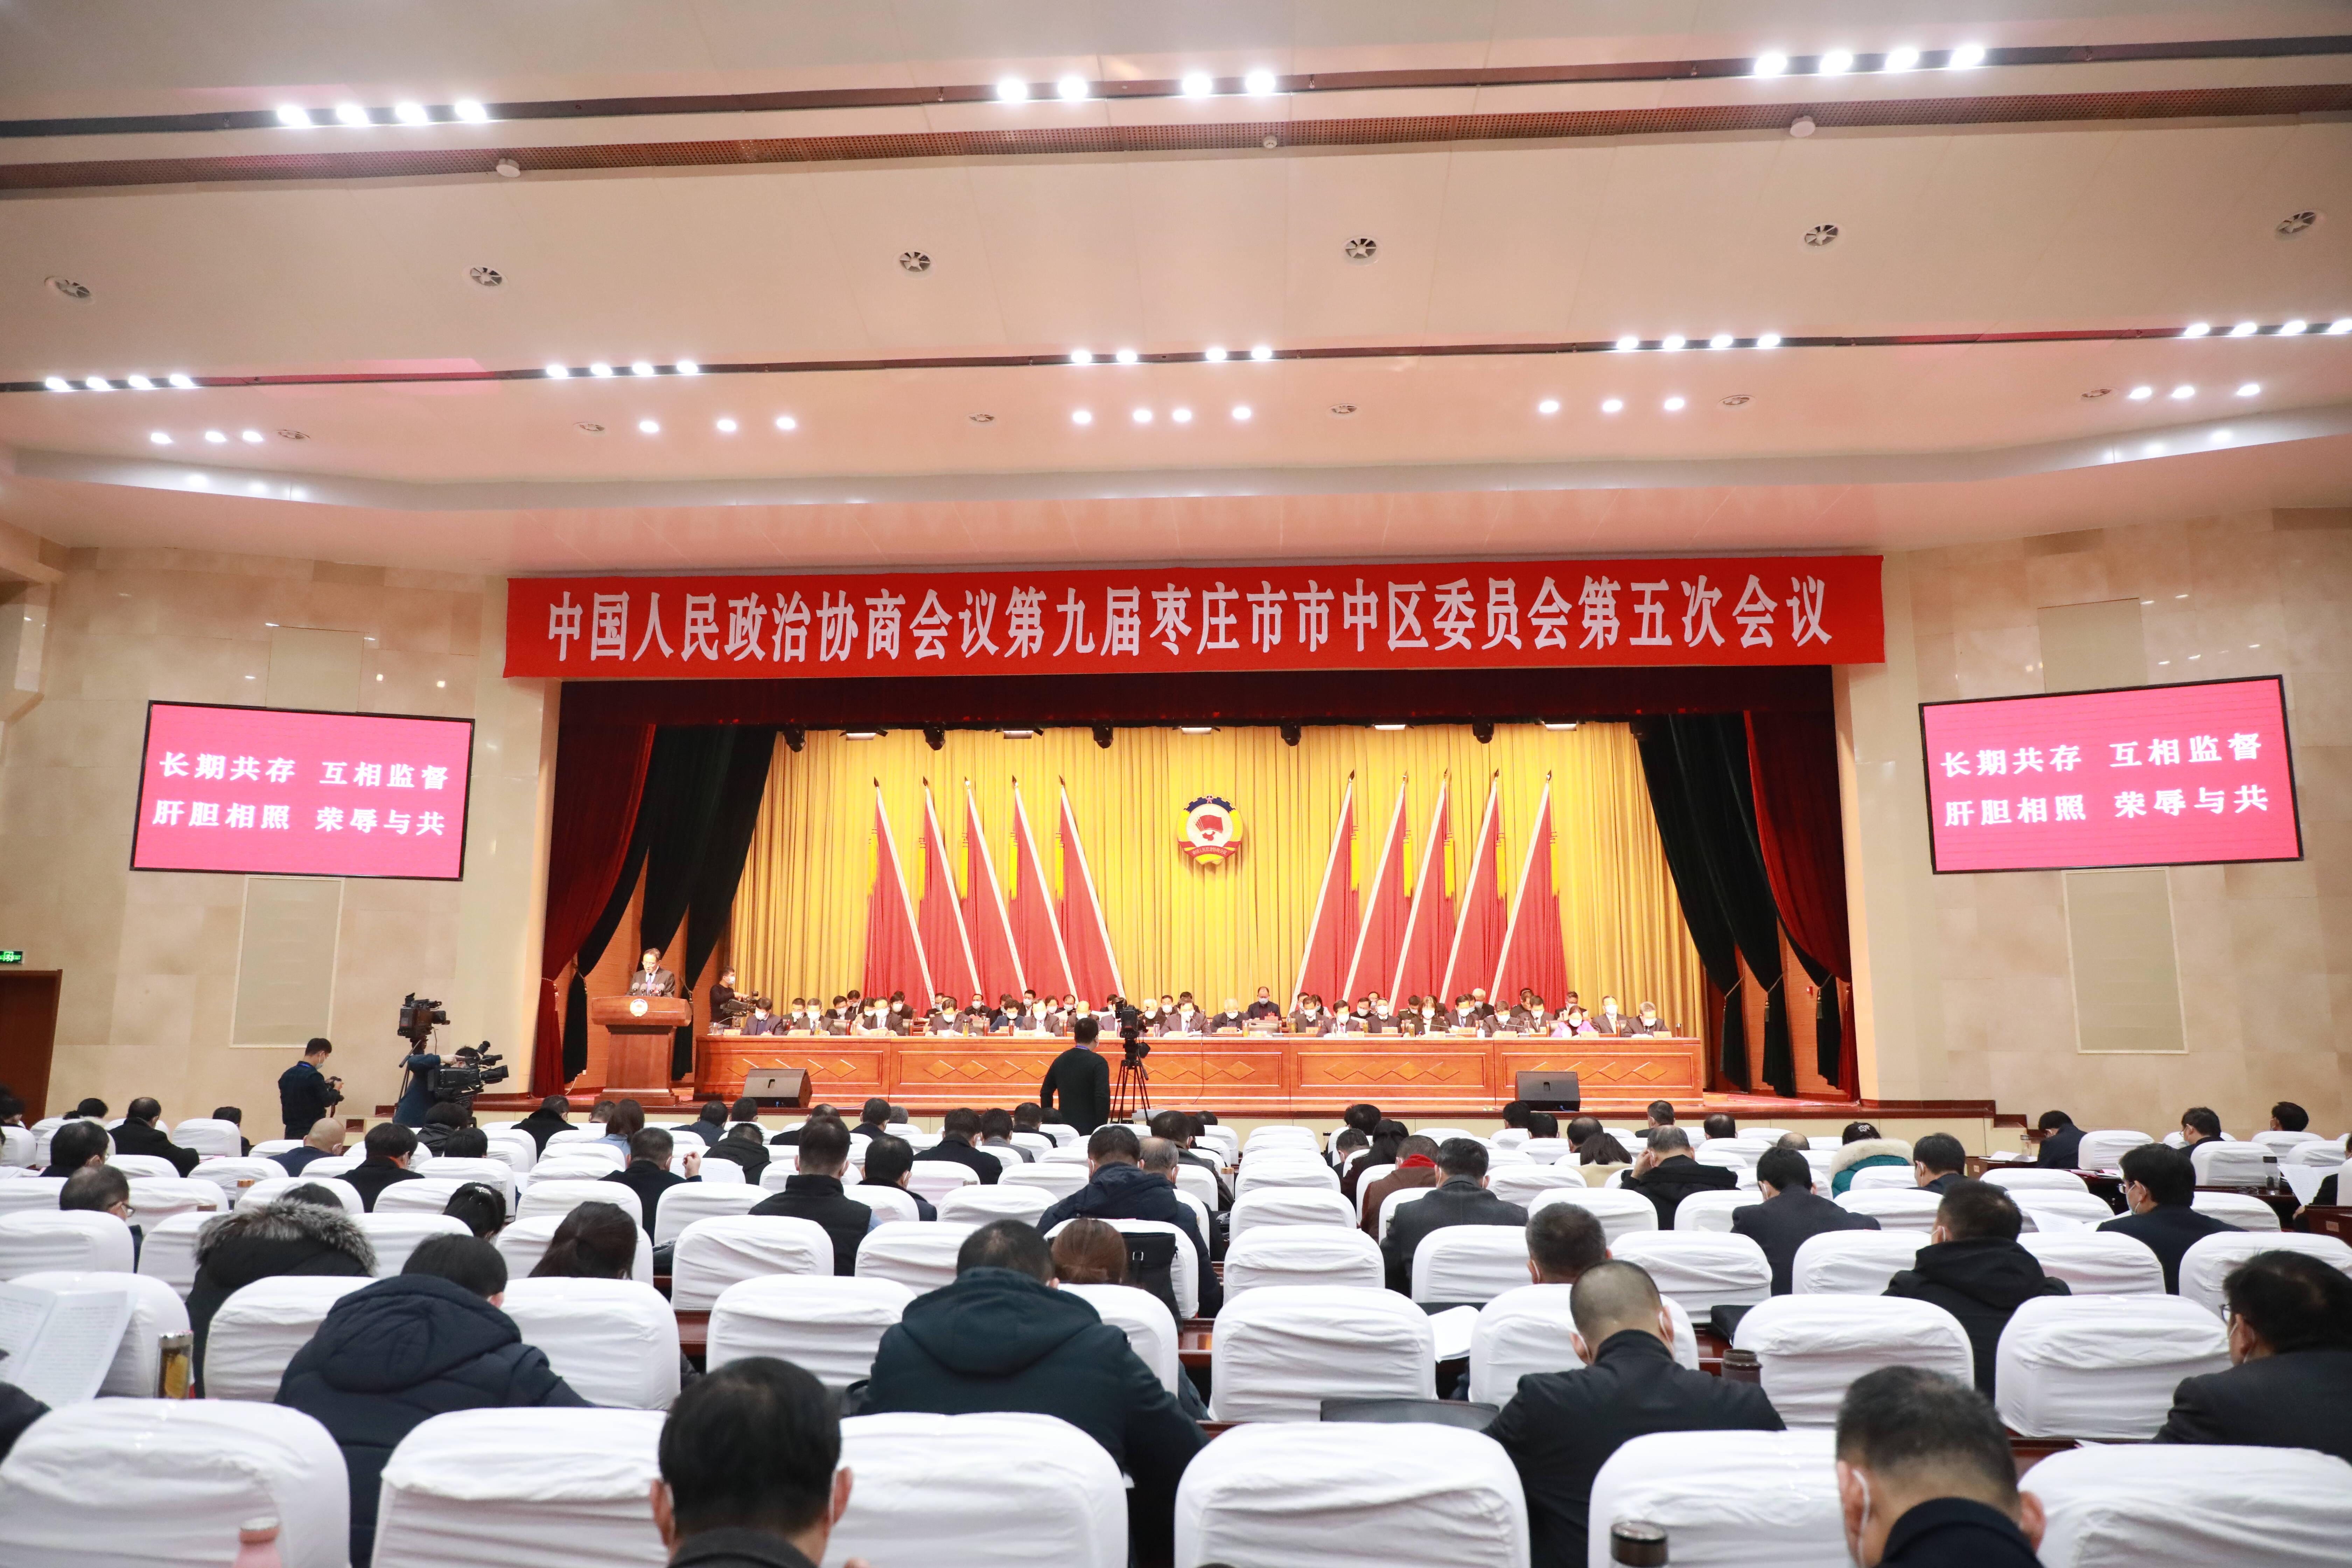 50秒丨枣庄市市中区政协九届五次会议隆重开幕